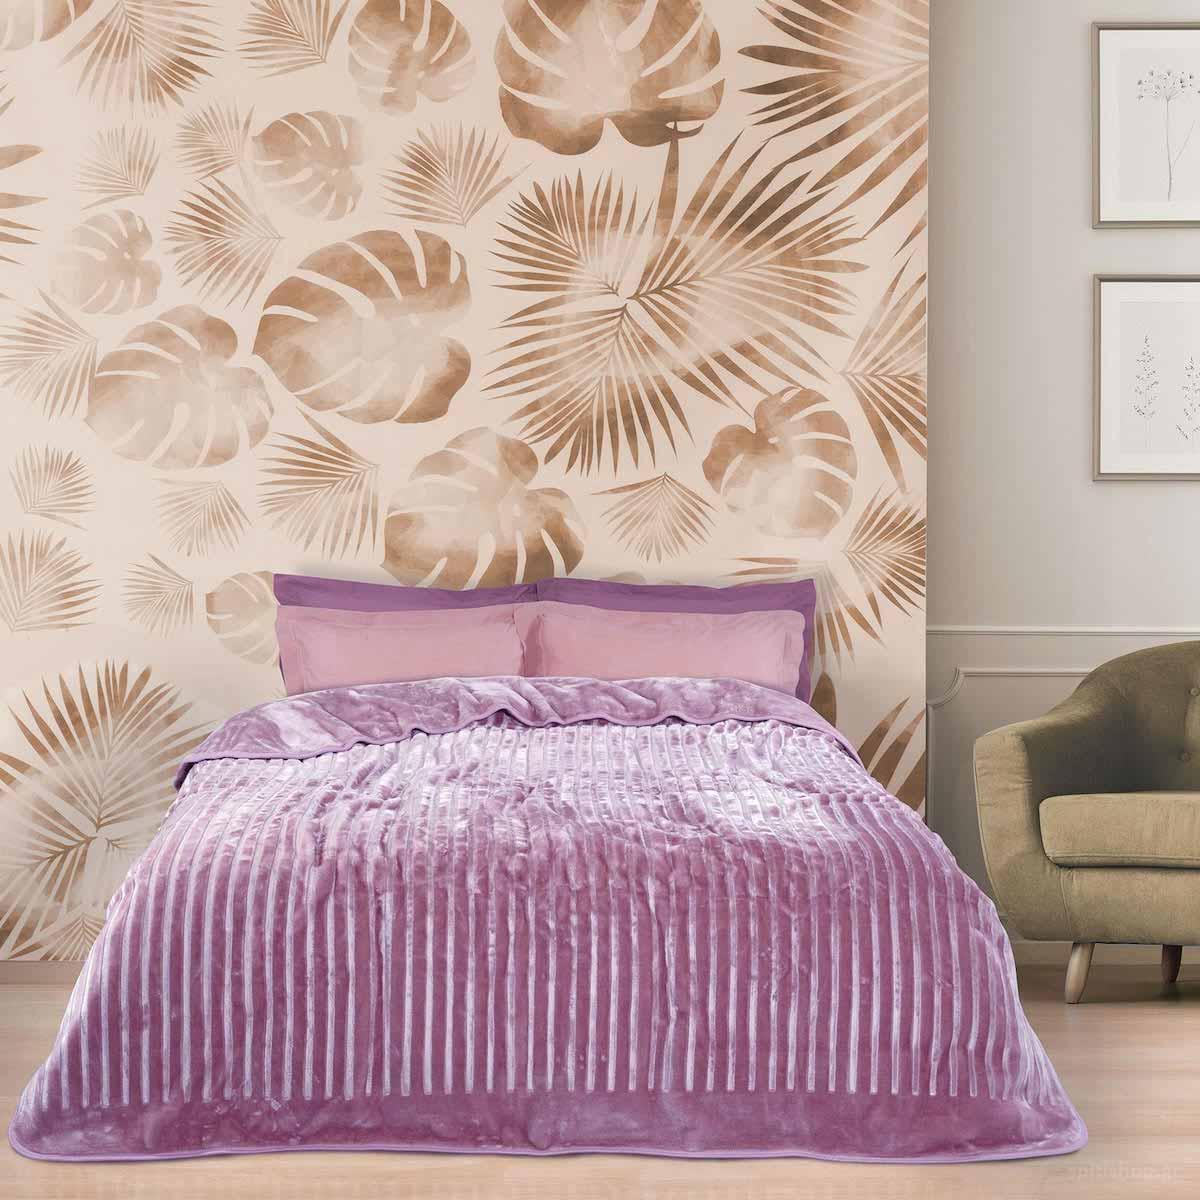 Κουβέρτα Βελουτέ Μονή Das Home Blanket Line 0449 Lilac